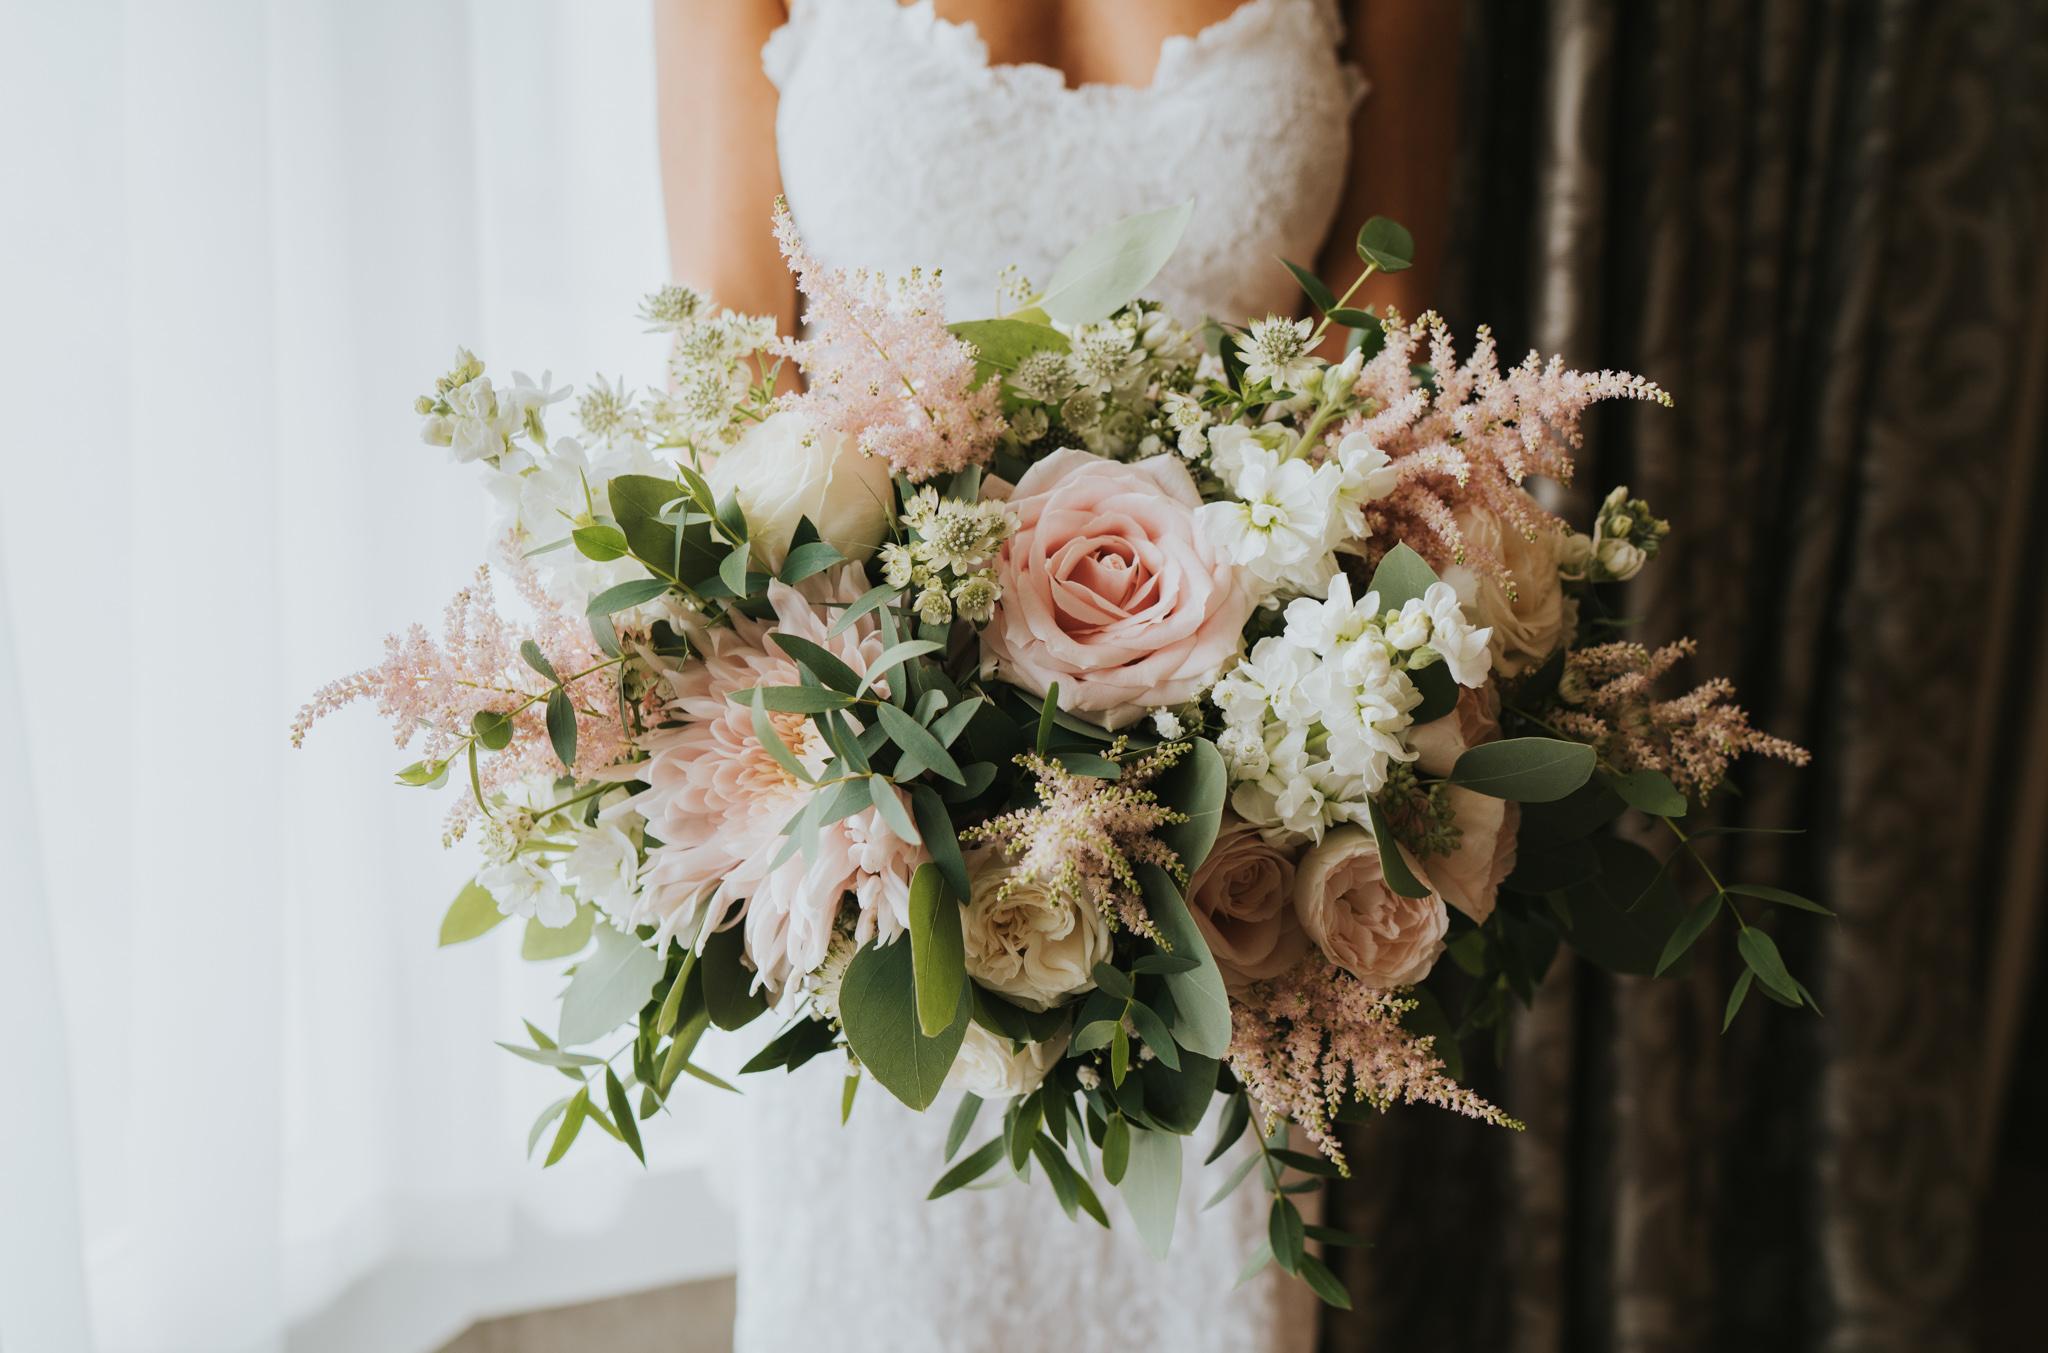 grace-elizabeth-essex-wedding-photographer-best-2018-highlights-norfolk-essex-devon-suffolk (78 of 100).jpg